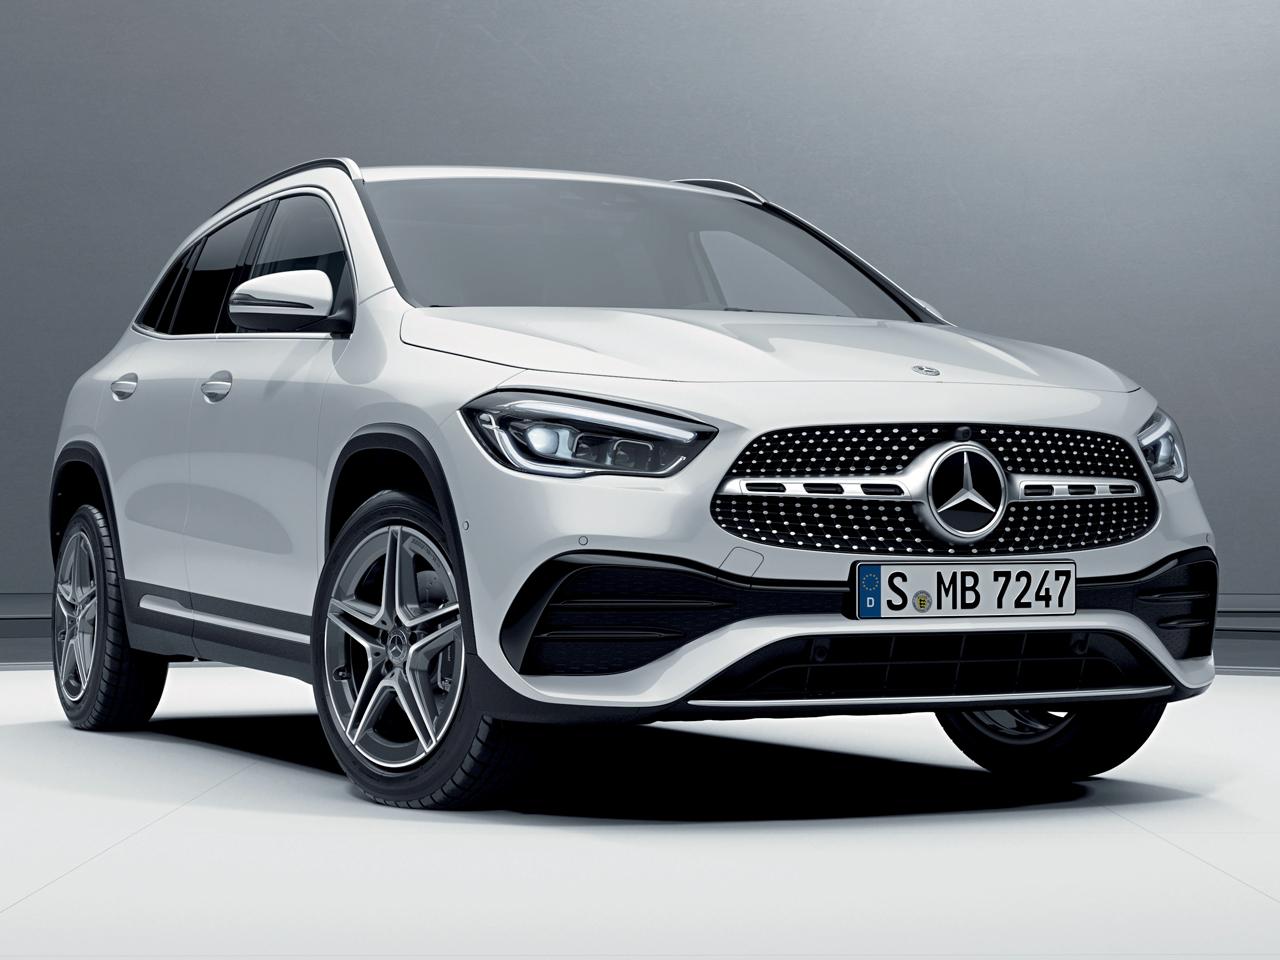 メルセデス・ベンツ GLAクラス 2020年モデル 新車画像